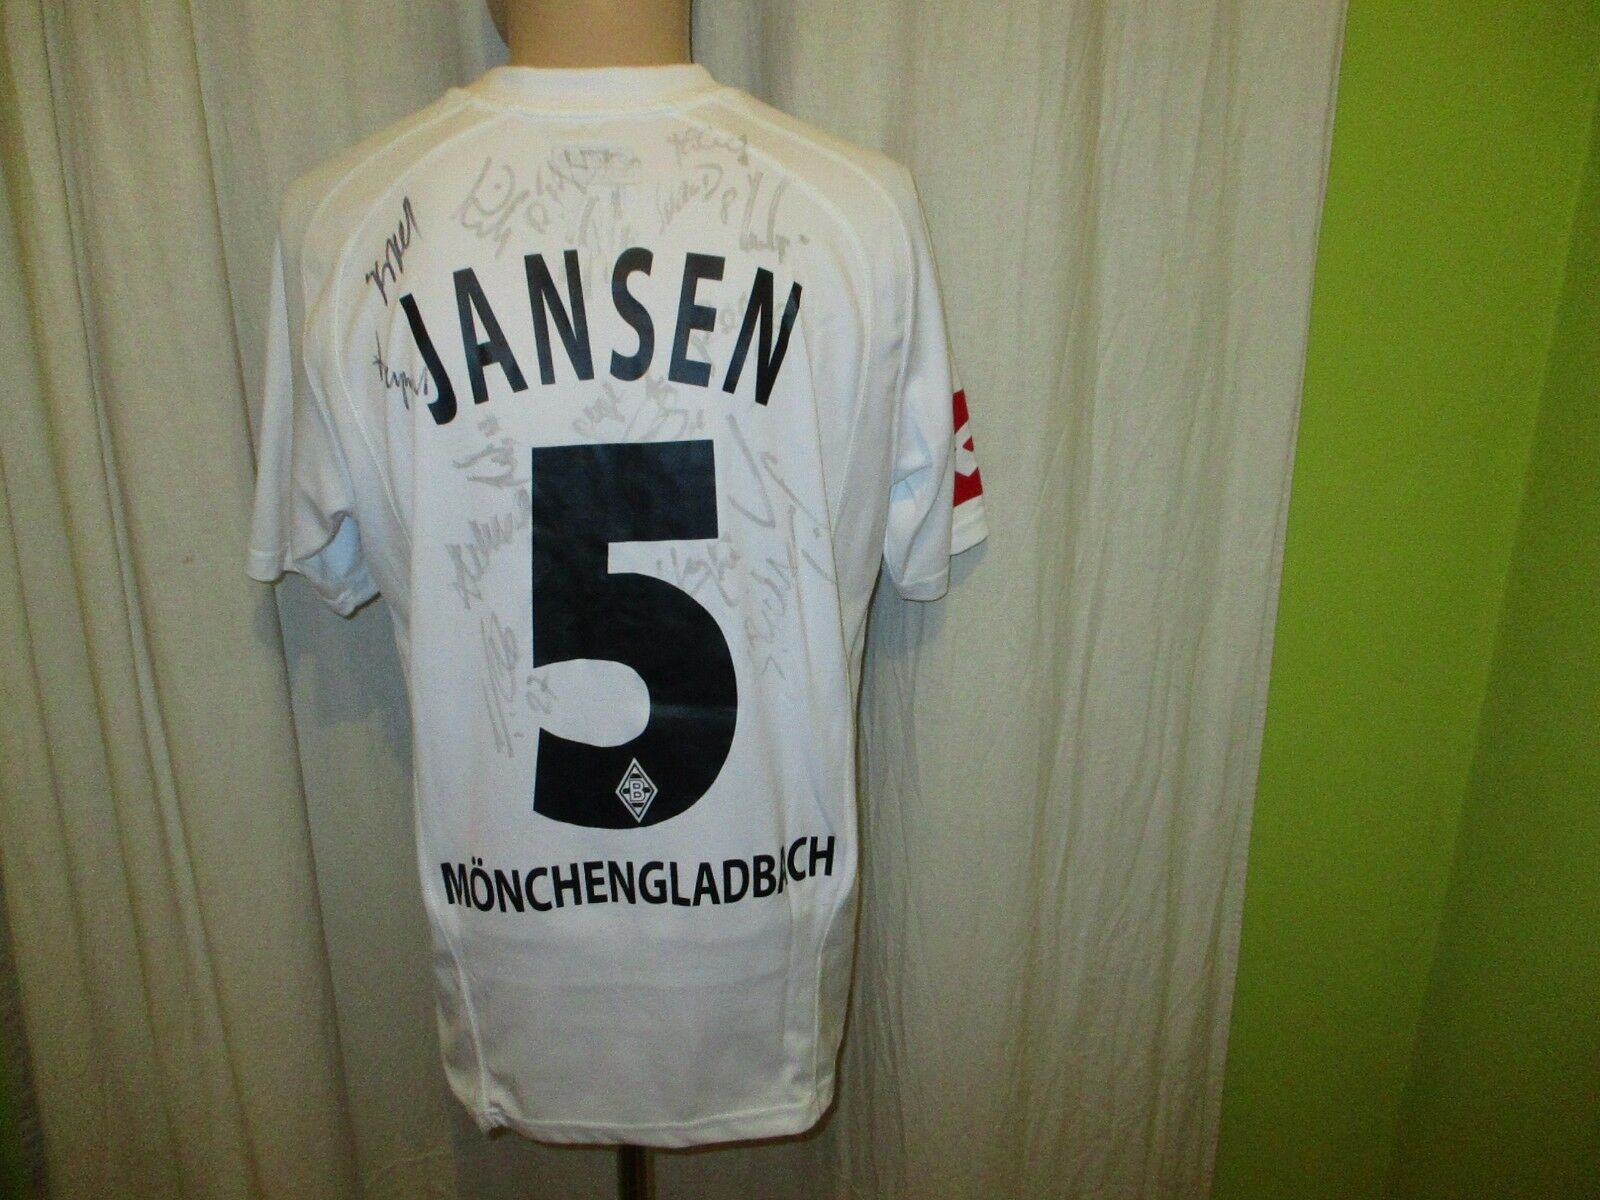 Borussia Mönchengladbach Lotto Trikot 2005/06 Gr.M + Nr.5 Jansen + Handsigniert Gr.M 2005/06 11d674